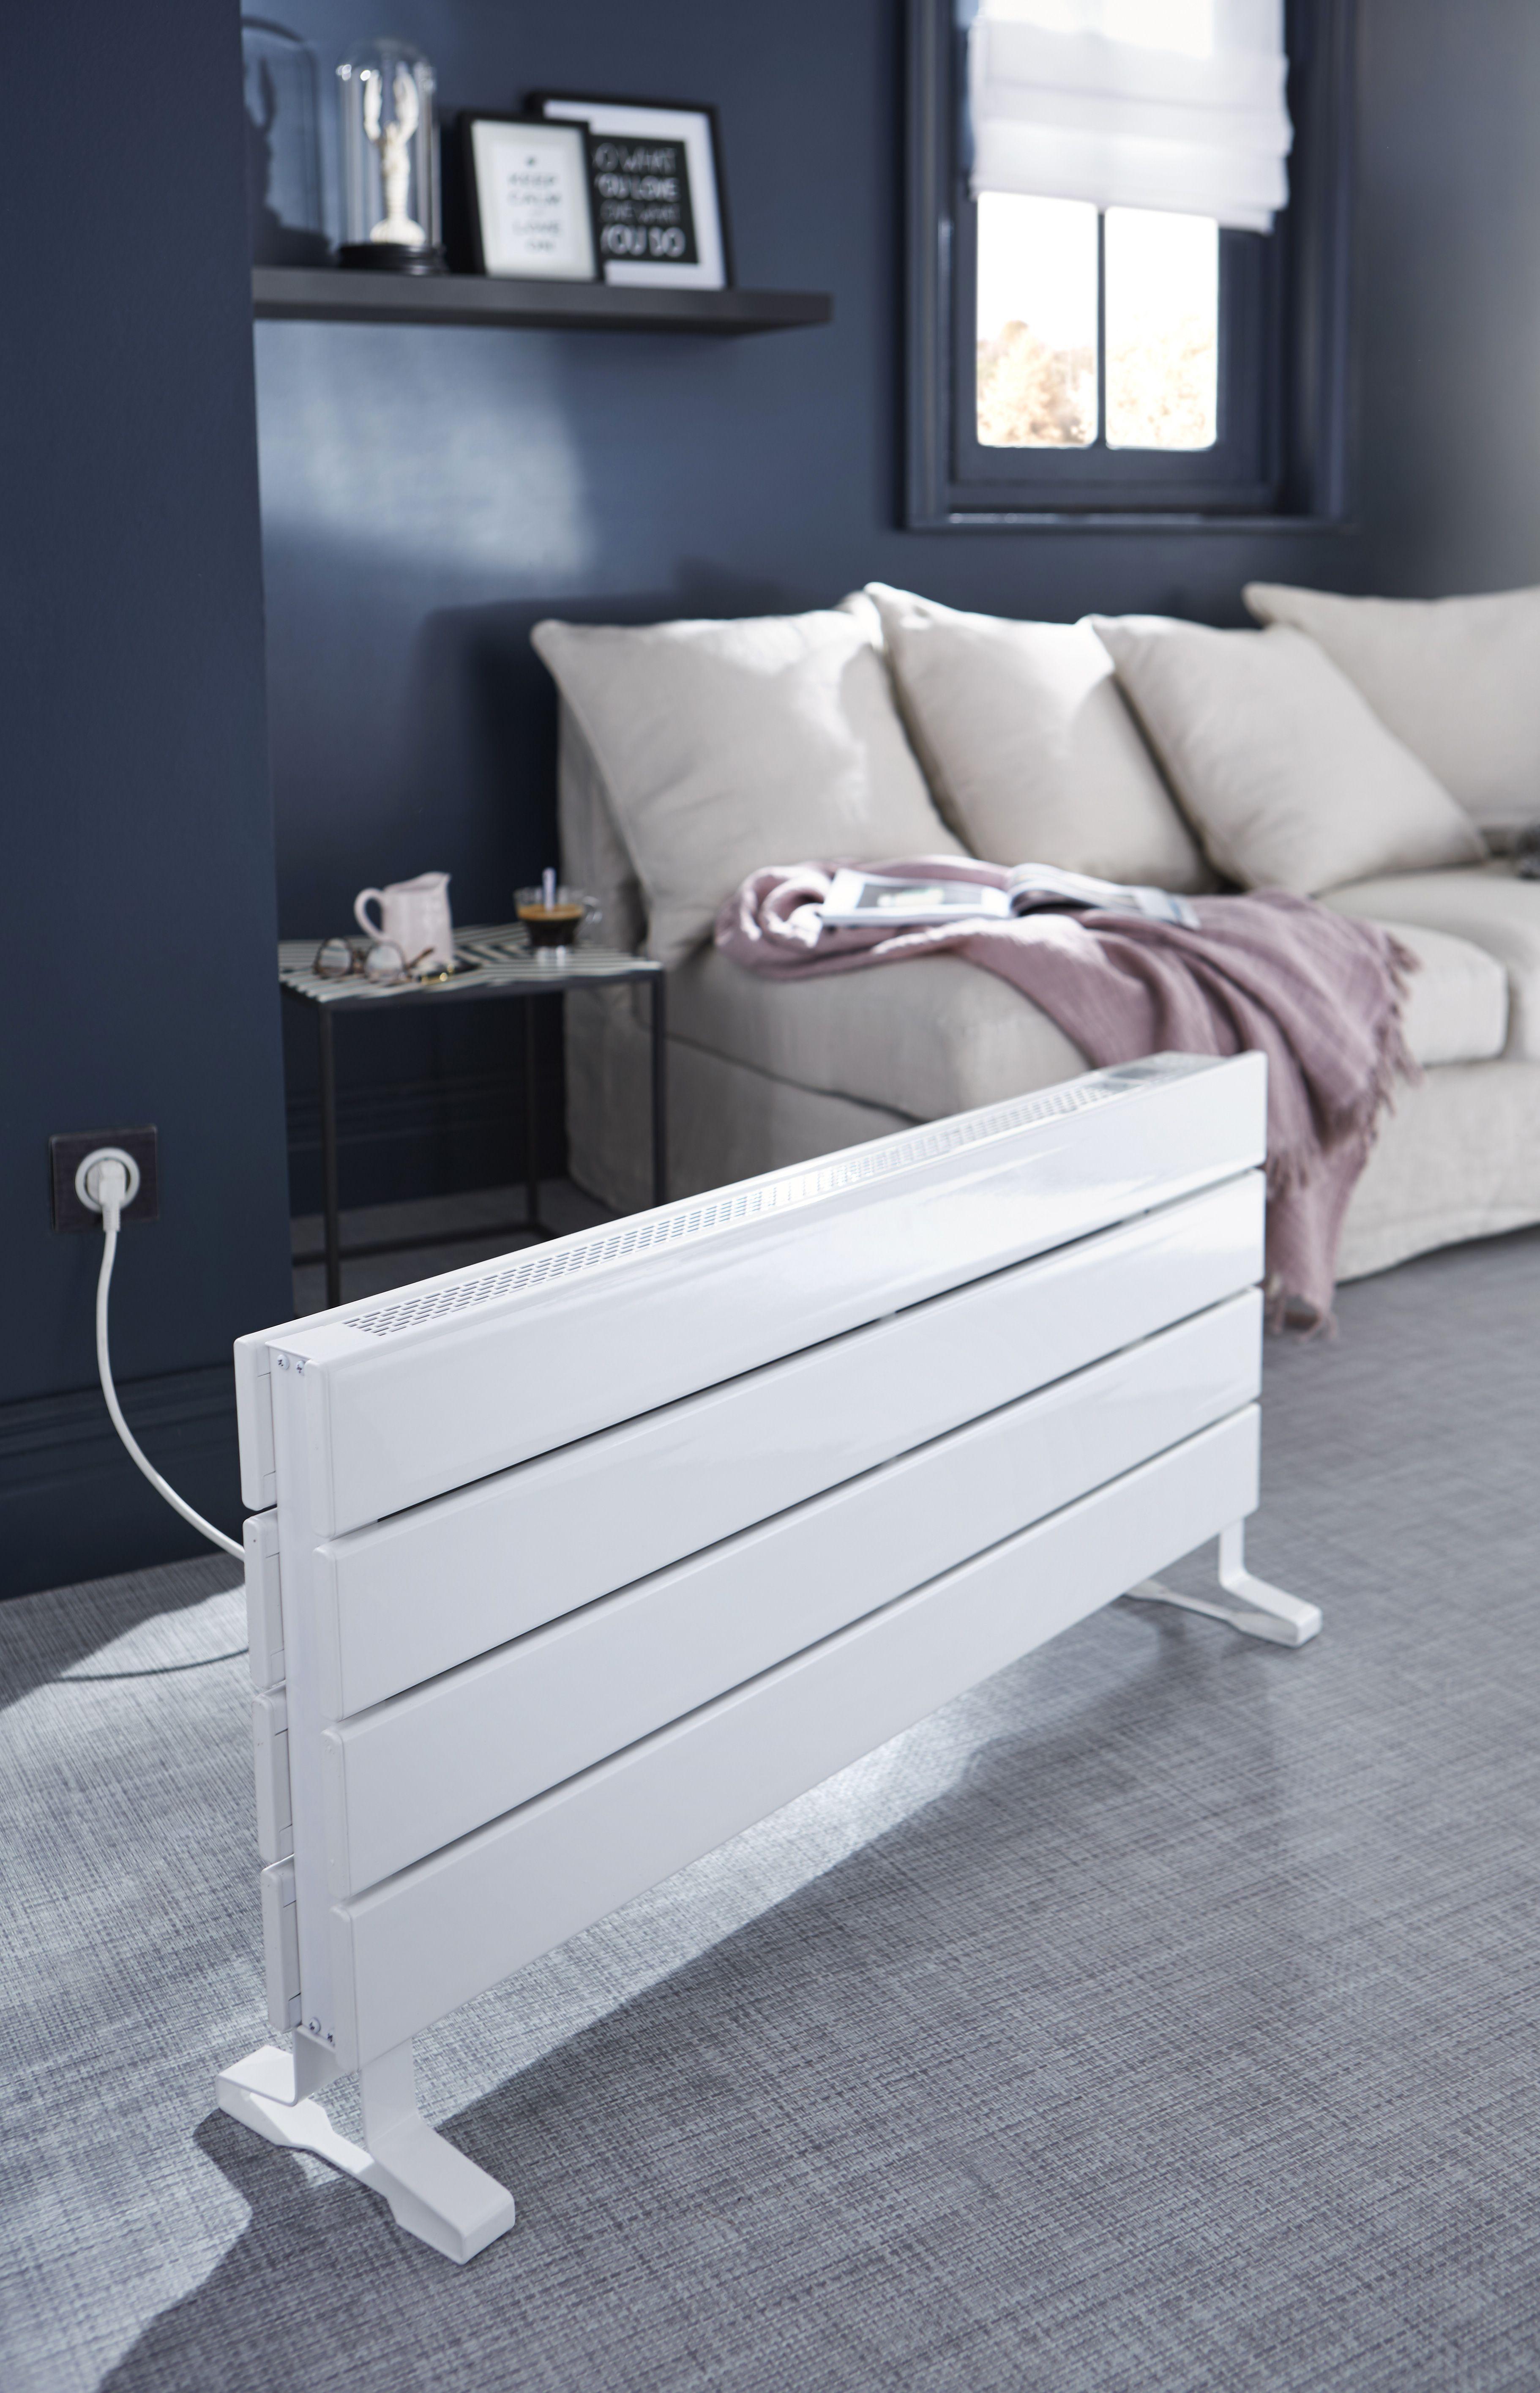 panneau rayonnant mobile blyss lineari 1000w radiateur radiateur electrique et avantages de. Black Bedroom Furniture Sets. Home Design Ideas